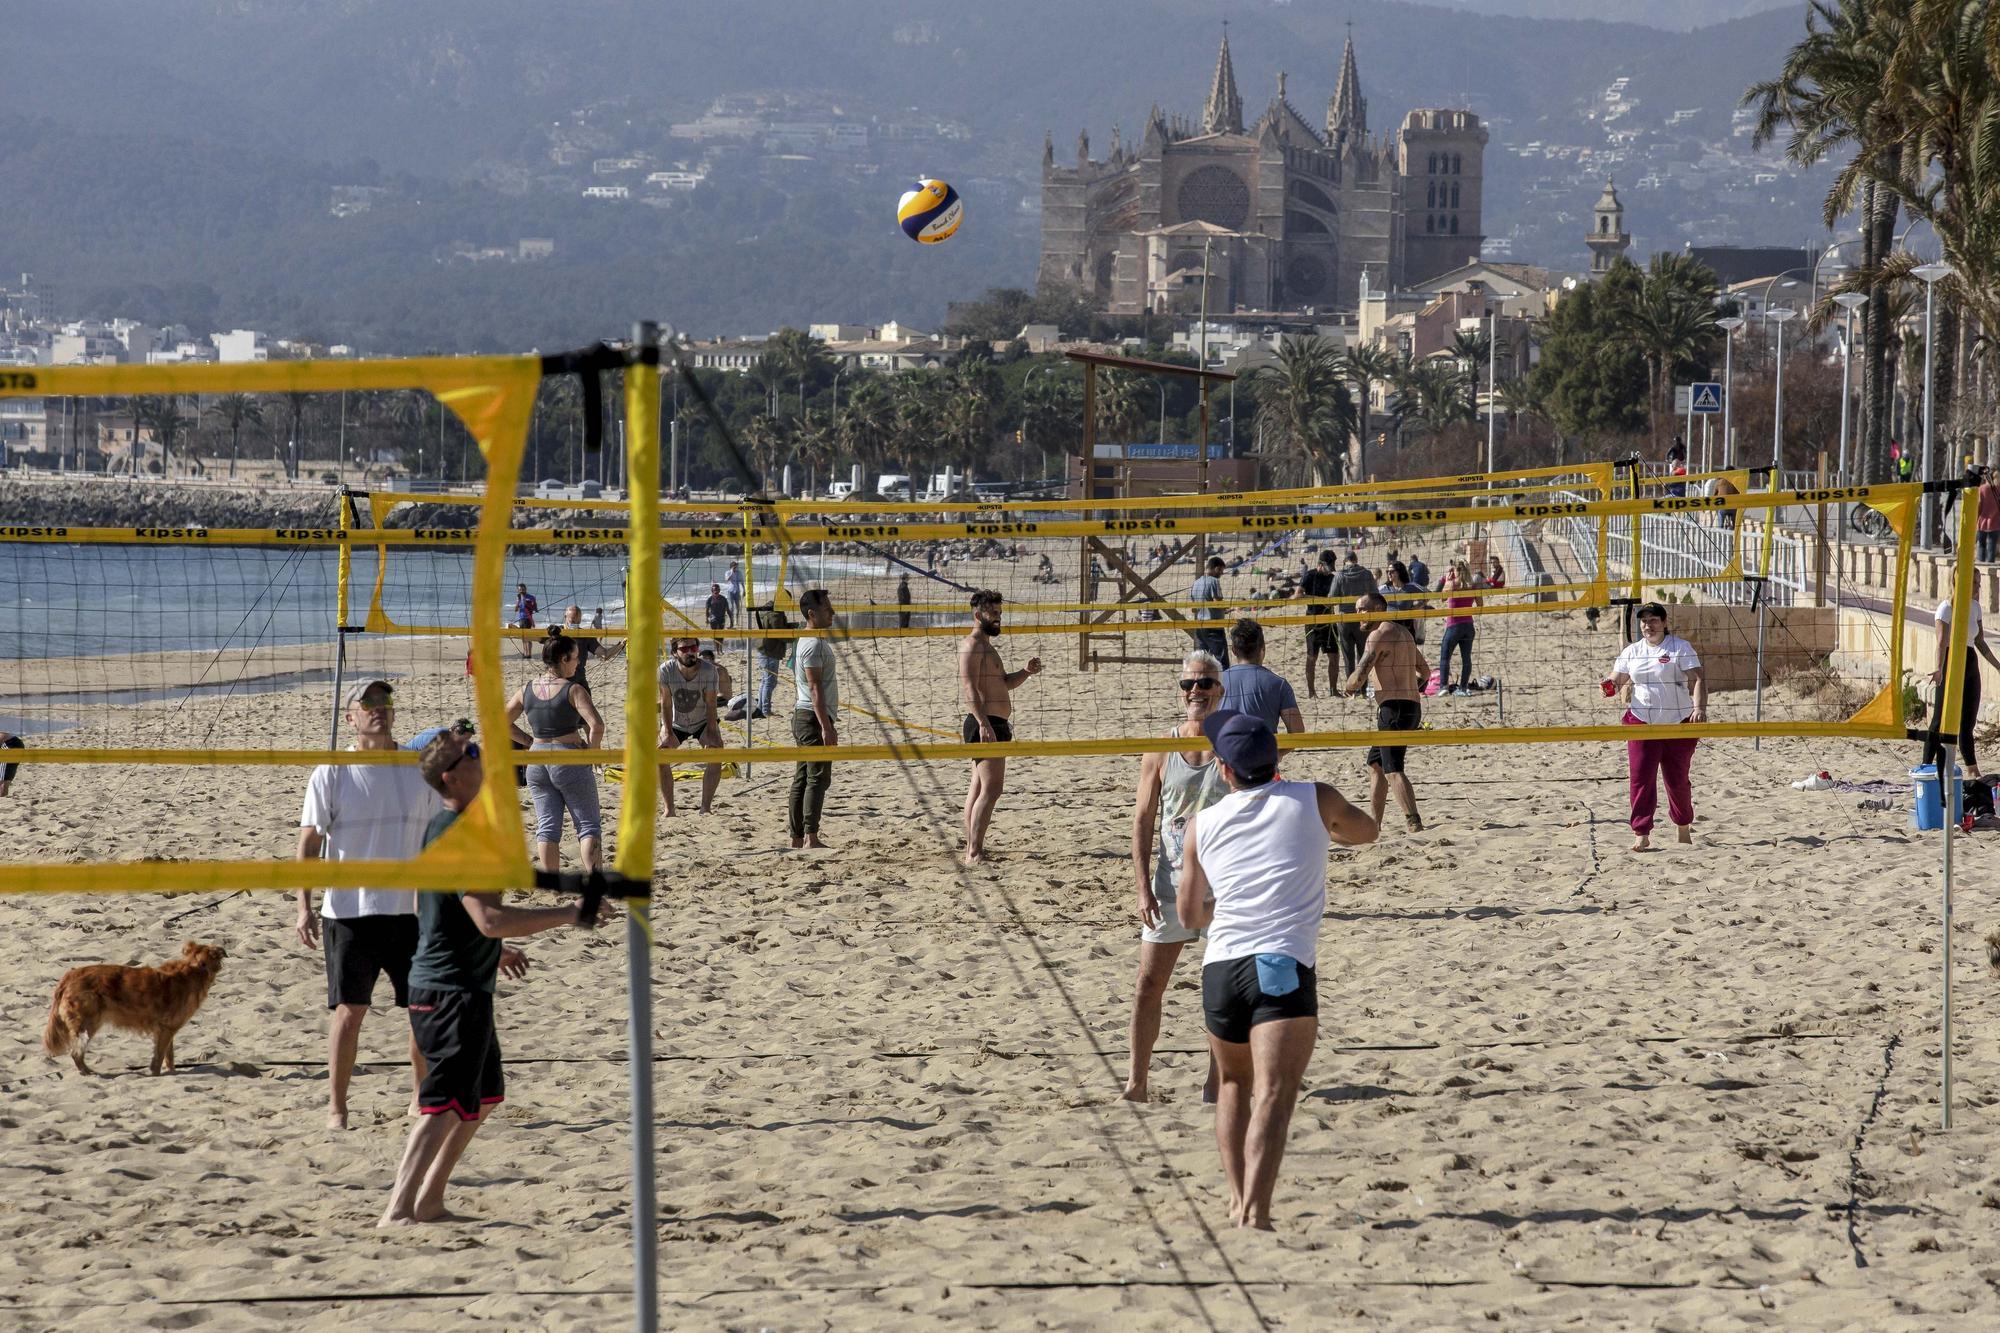 Salud no consideraría necesario usar la mascarilla en la playa con un núcleo de convivencia